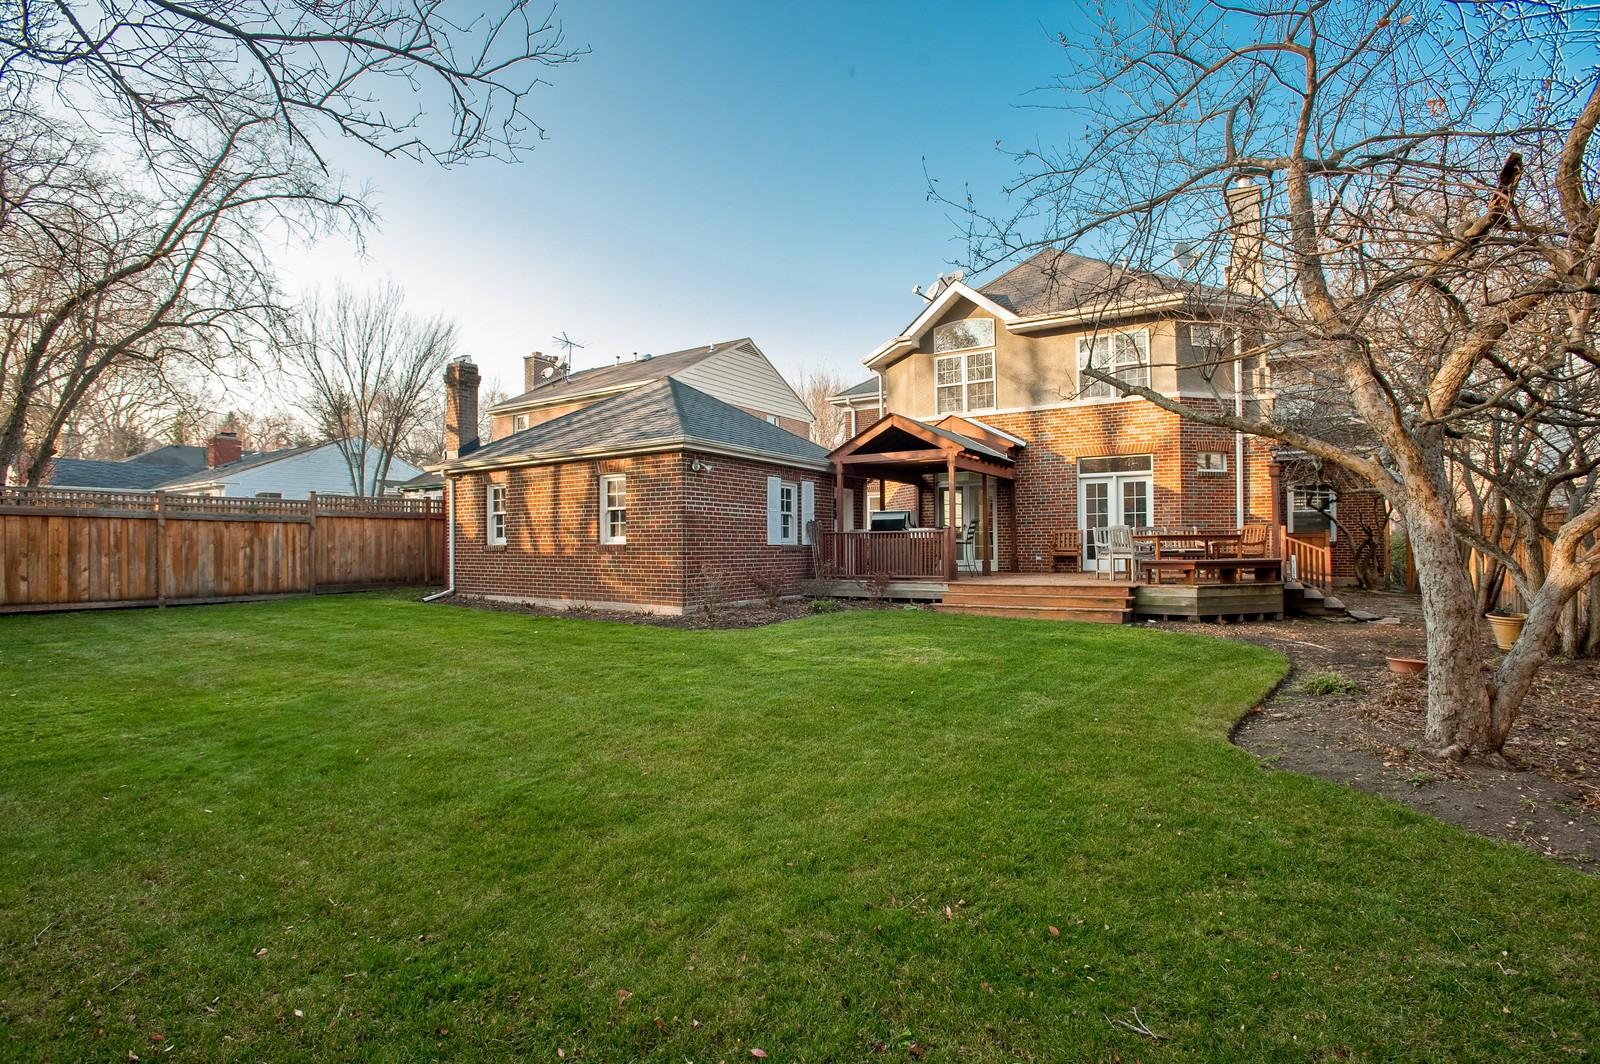 Real Estate Photography - 556 Winnetka Ave, Winnetka, IL, 60093 - Rear View